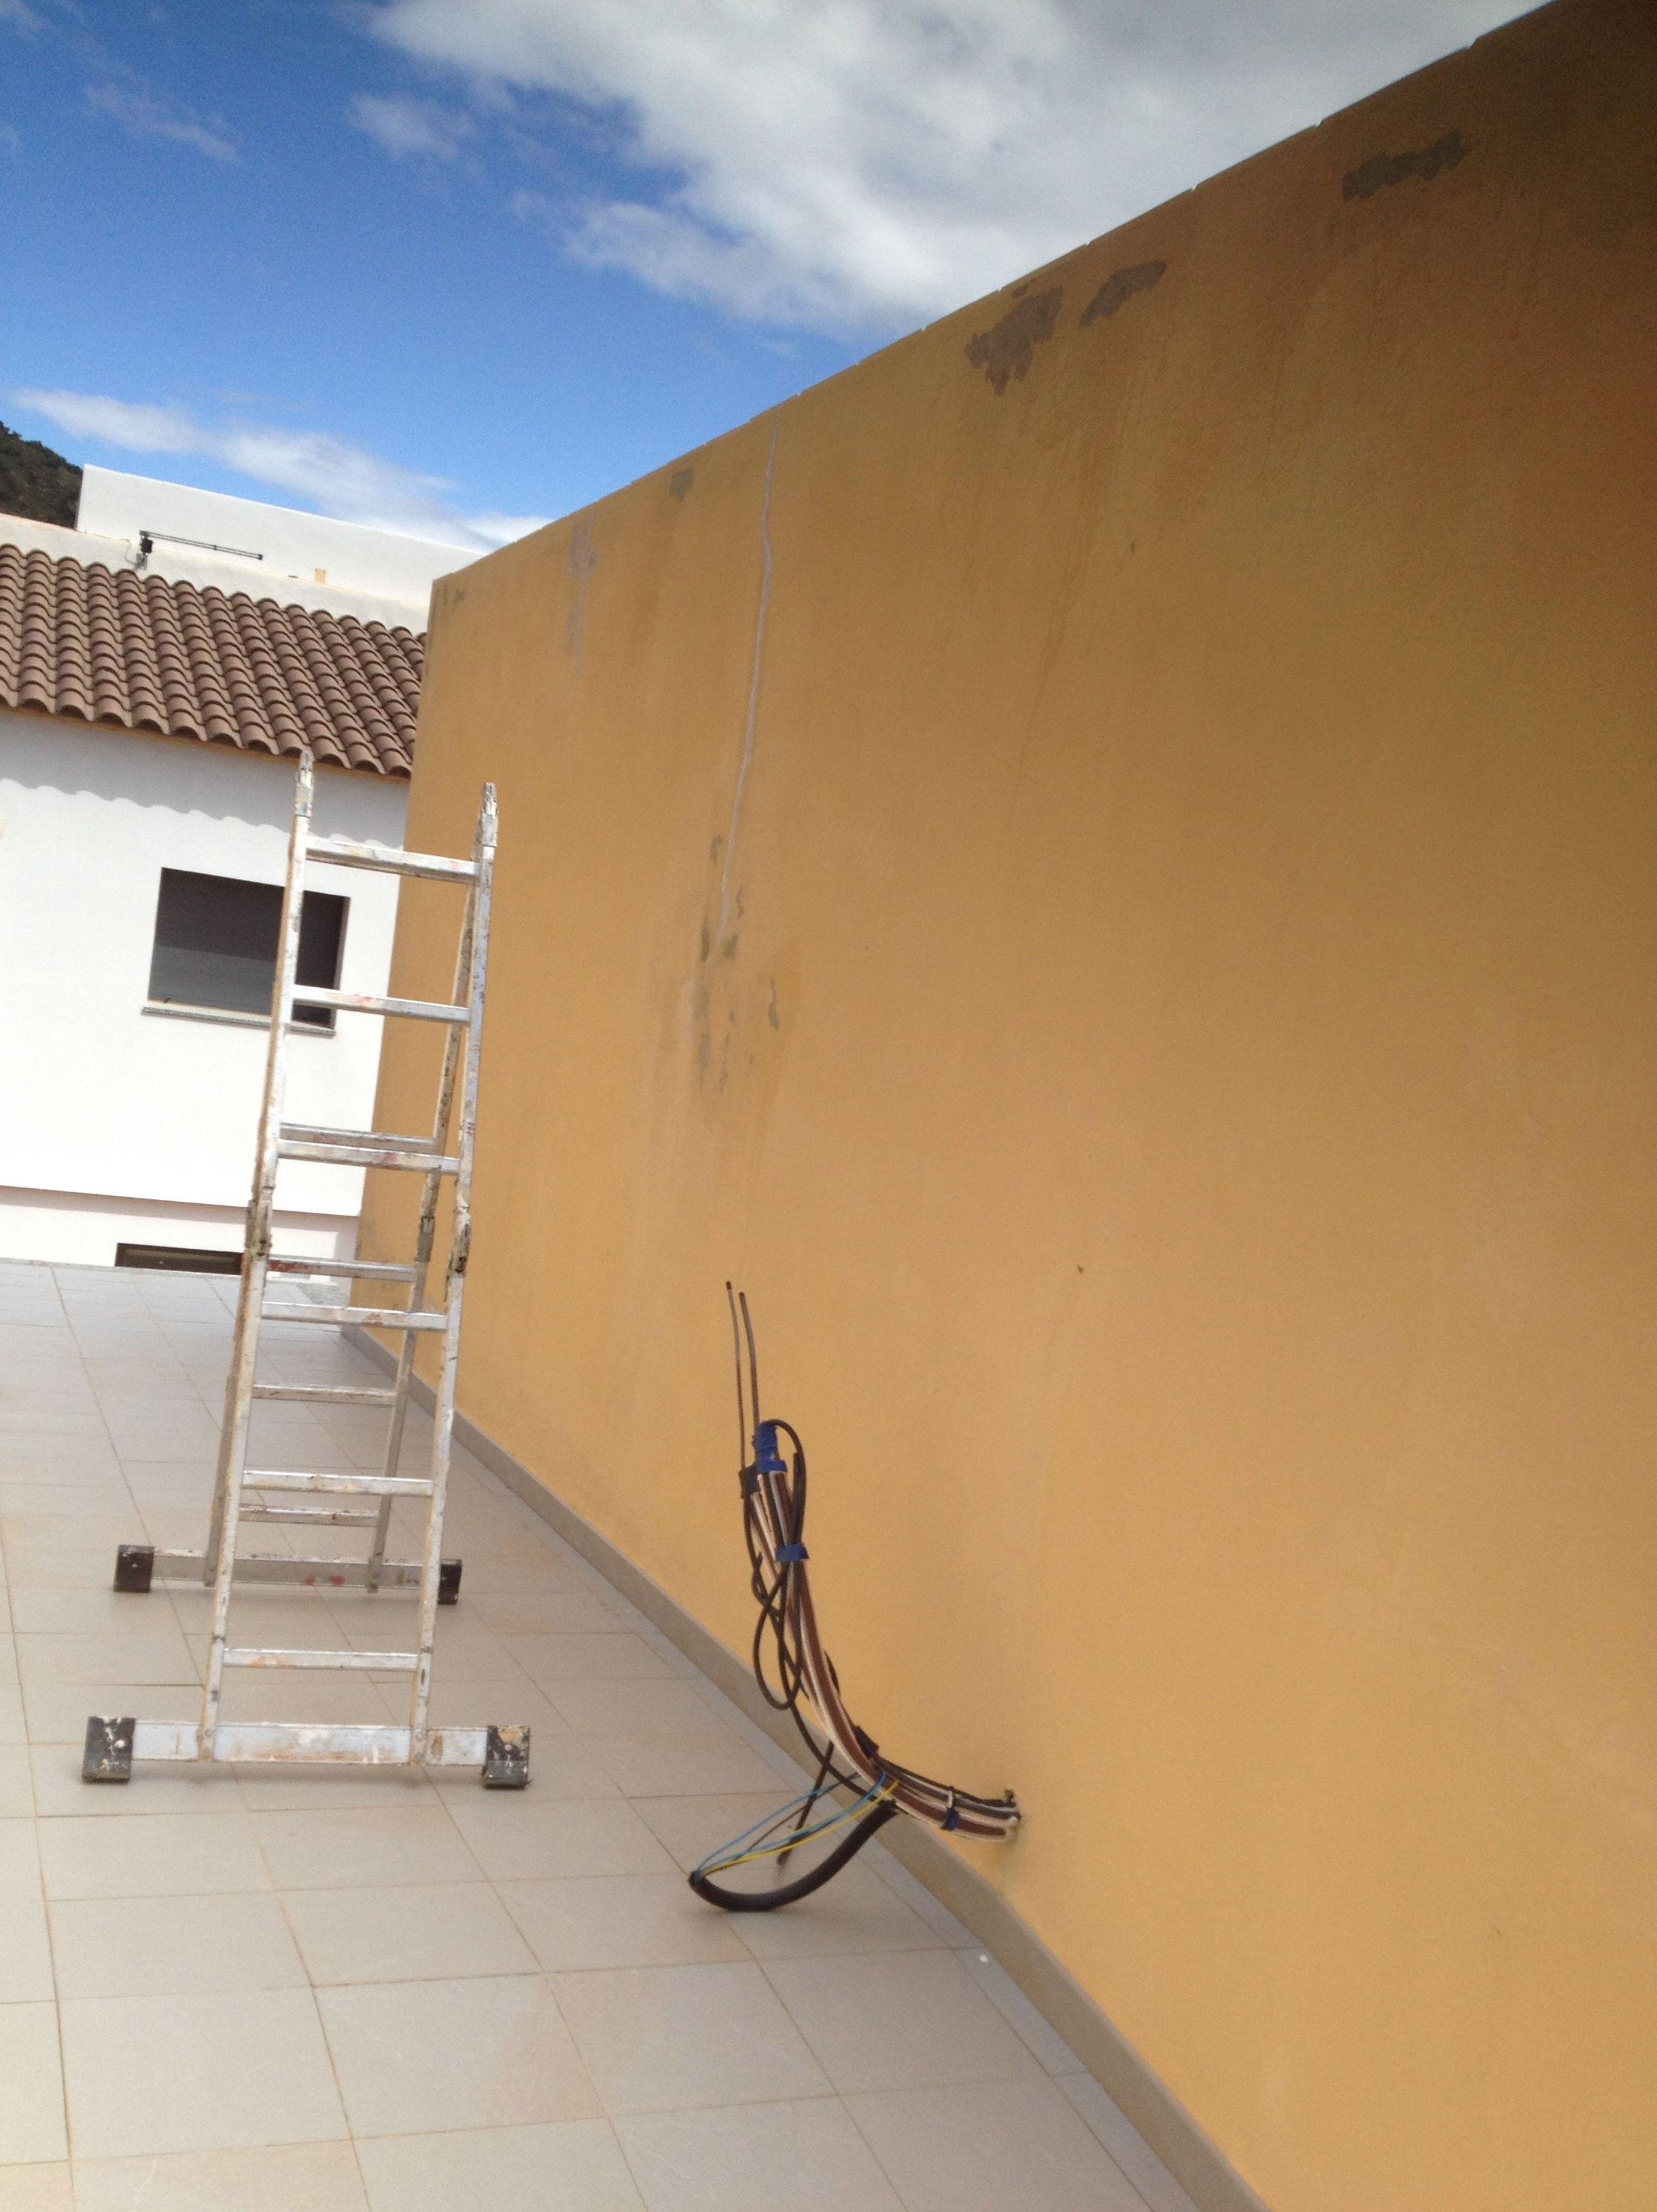 Aislamientos con poliuretano en Girona